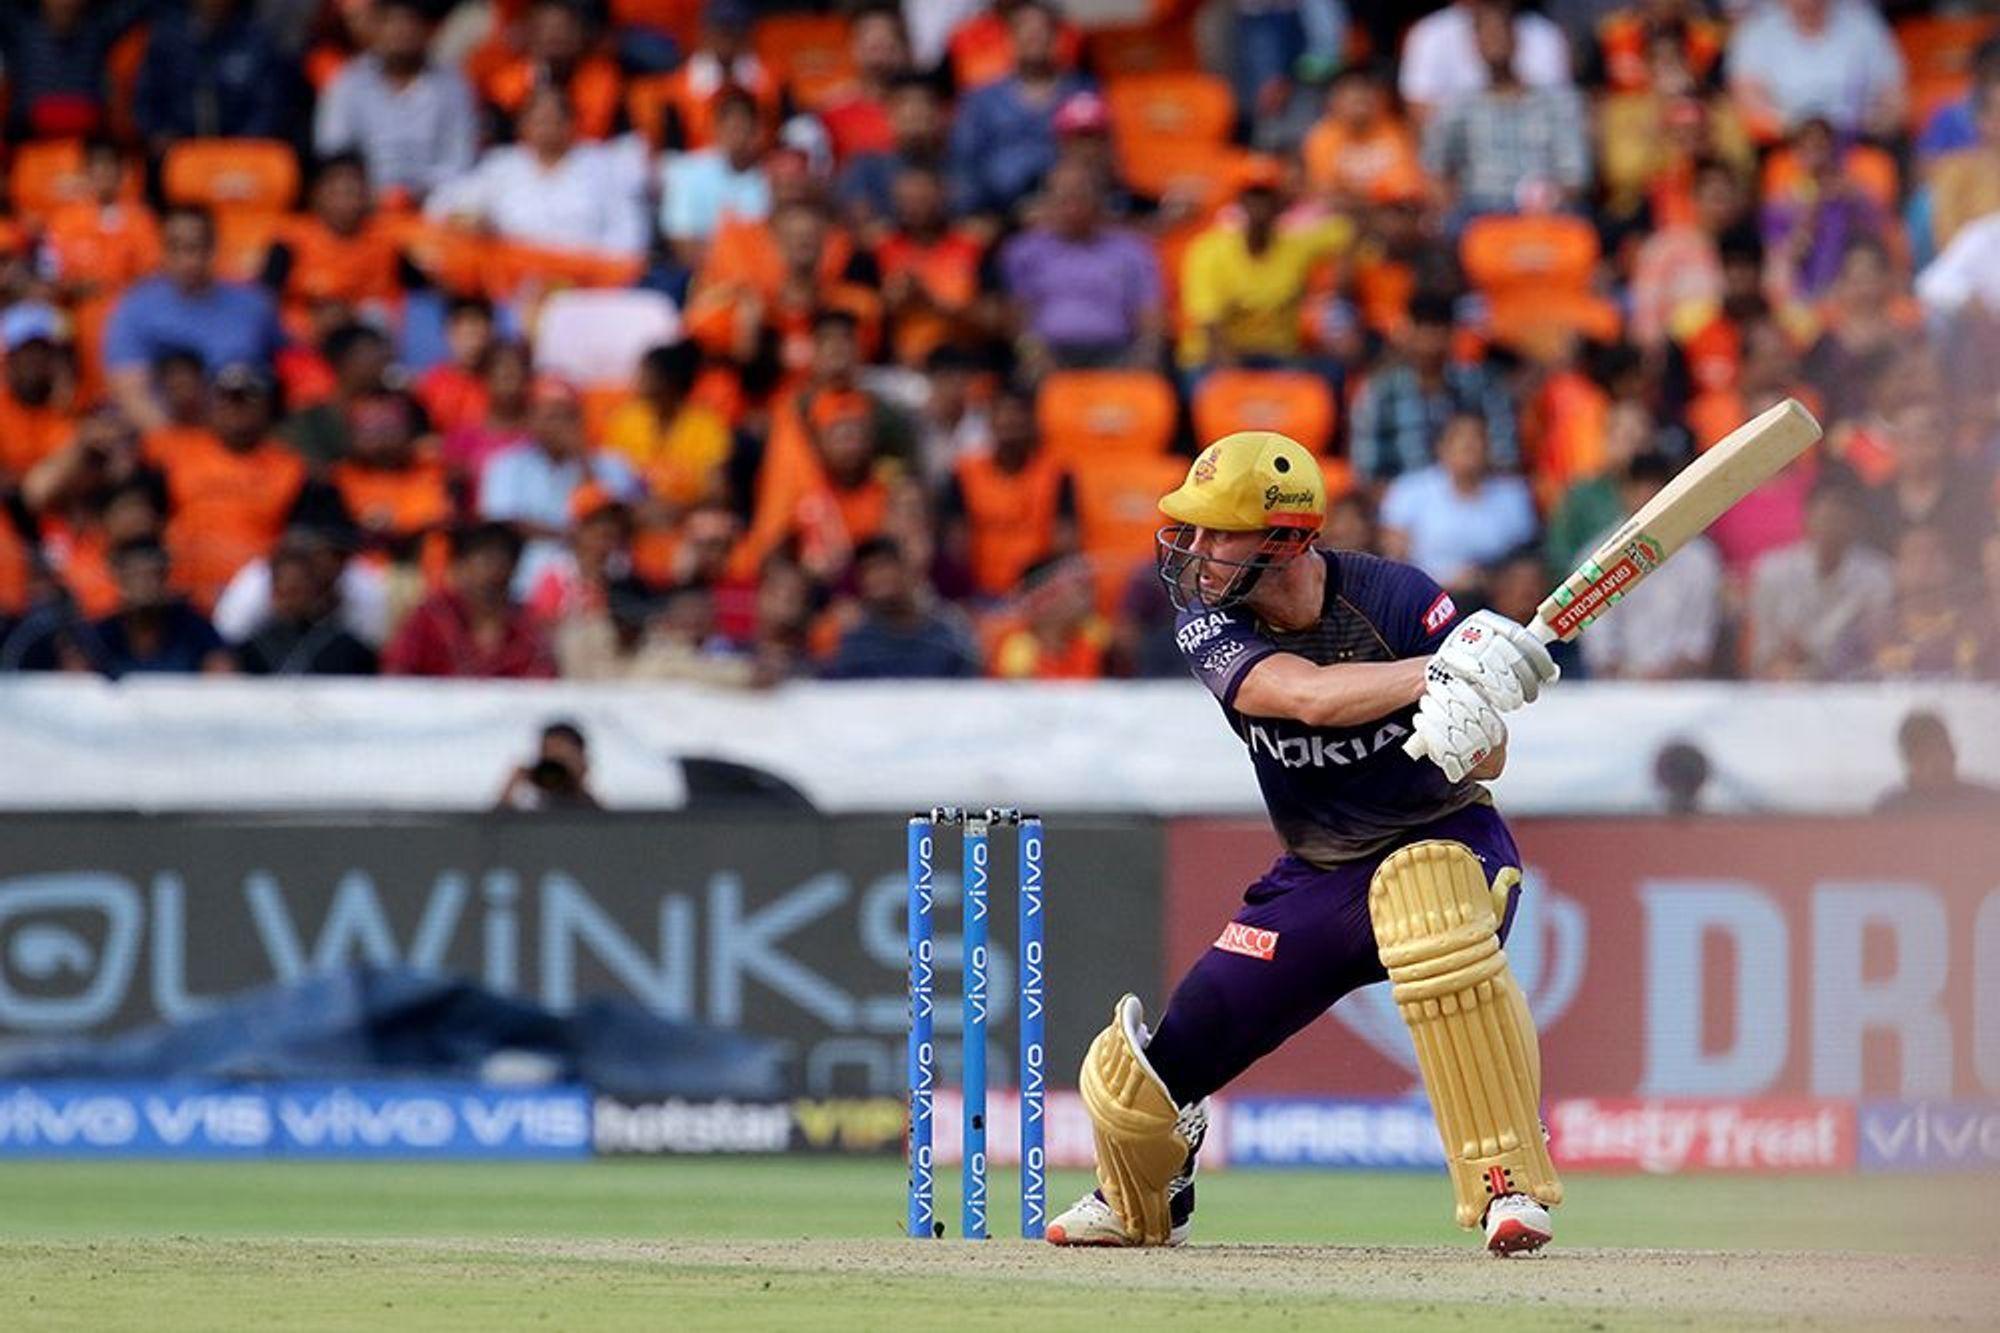 IPL 2019: सनराइजर्स हैदराबाद के खिलाफ कोलकाता नाईट राइडर्स की हार के ये रहे 3 प्रमुख कारण 3